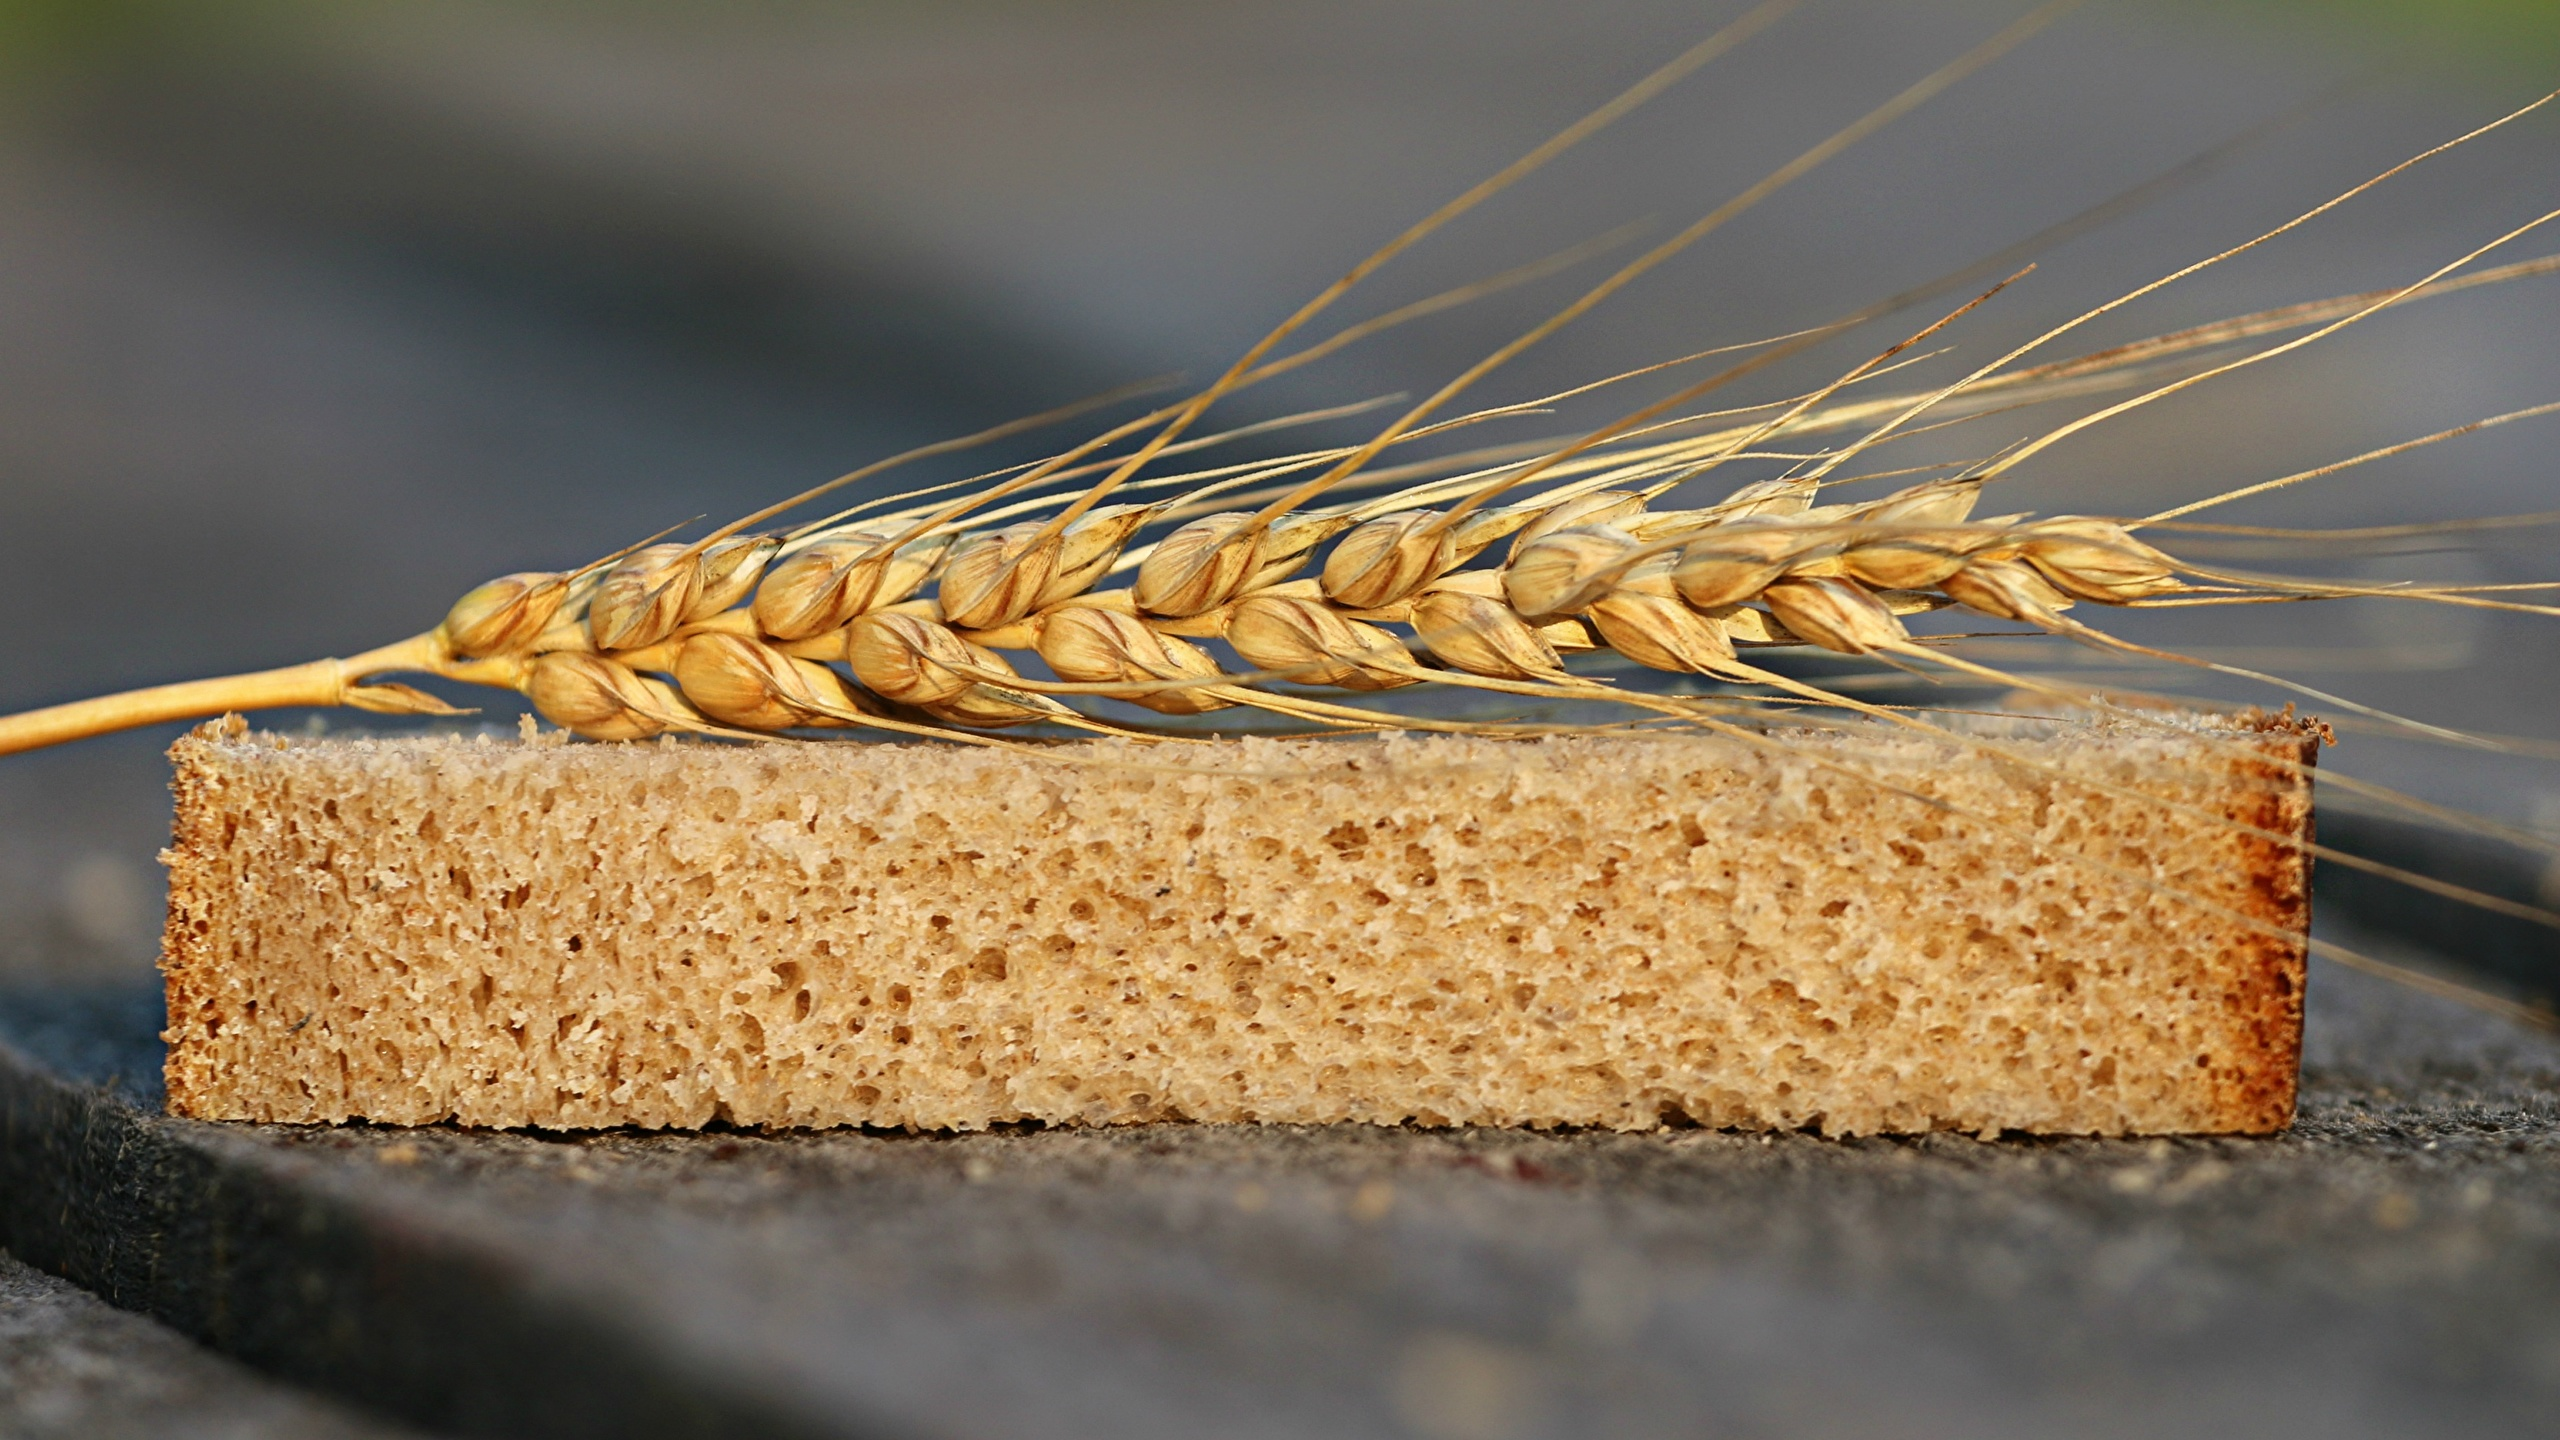 Картинка Пшеница Хлеб часть колосок Пища вблизи 2560x1440 Кусок Колос кусочки кусочек колосья колоски Еда Продукты питания Крупным планом